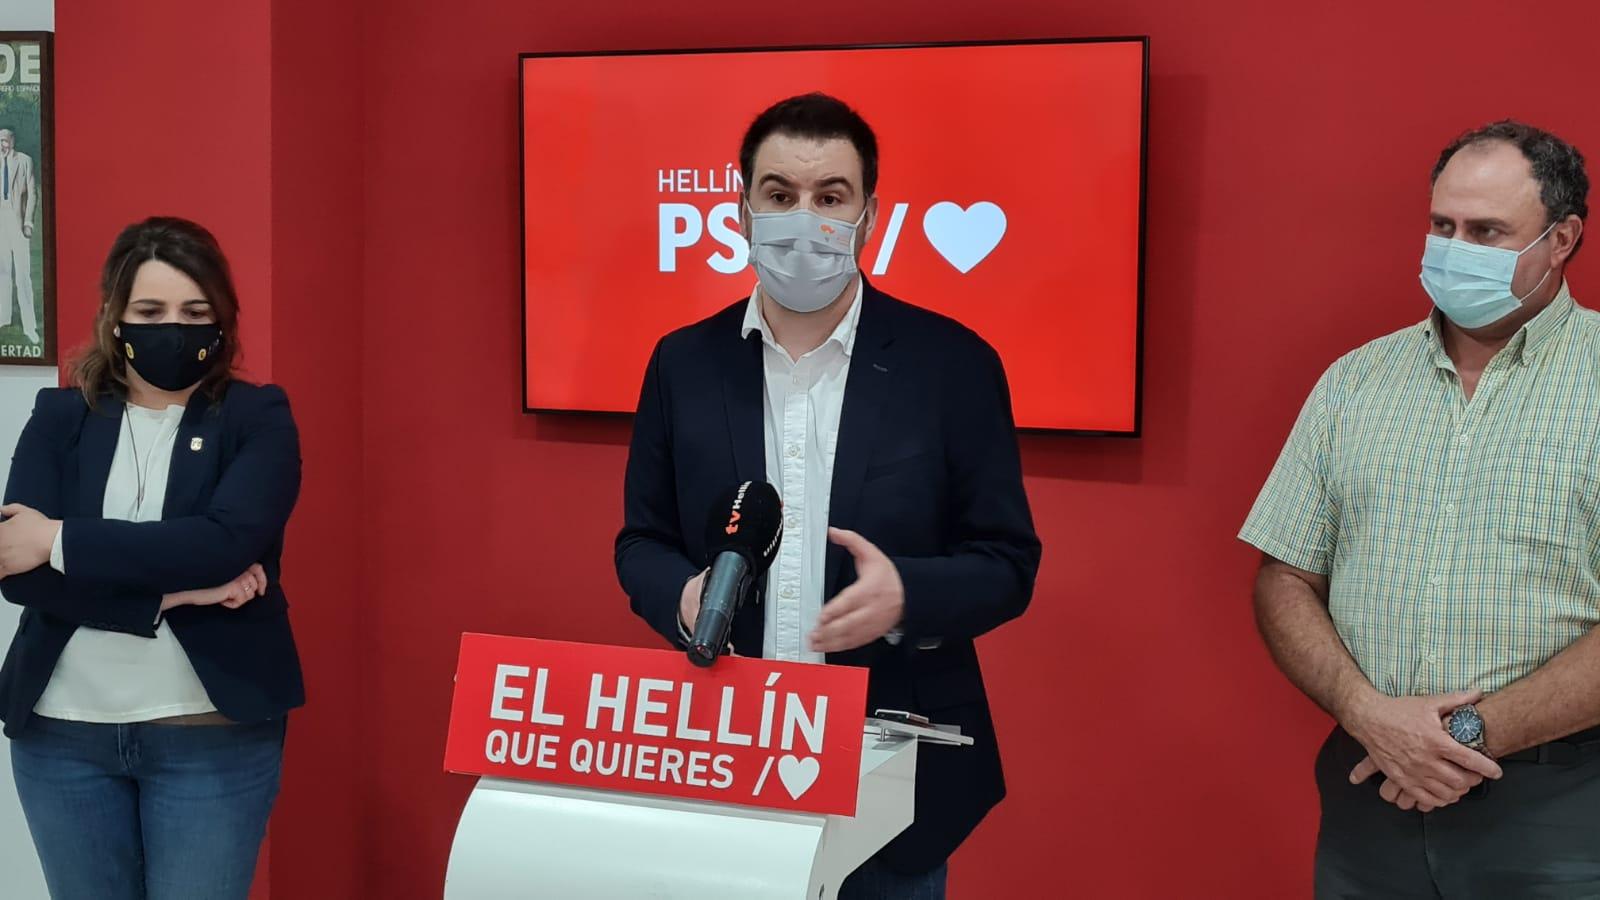 Sánchez subraya el compromiso del PSOE y del Gobierno regional para favorecer el empleo juvenil con más de 5 millones de euros destinados a la contratación de jóvenes titulados